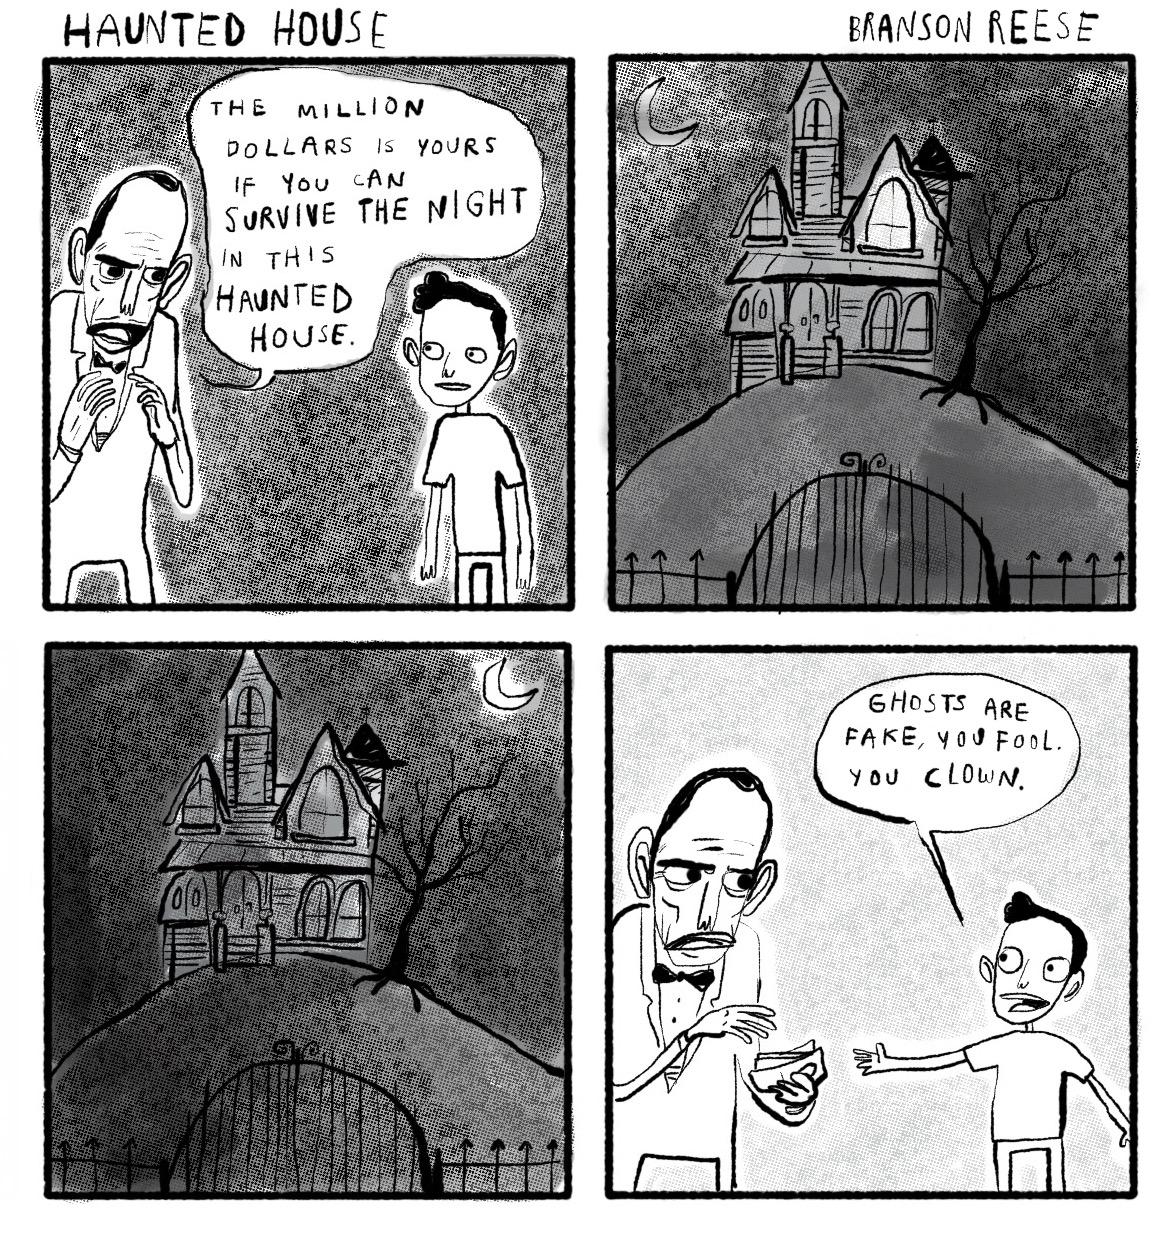 0164 hauntedhouse3.jpg